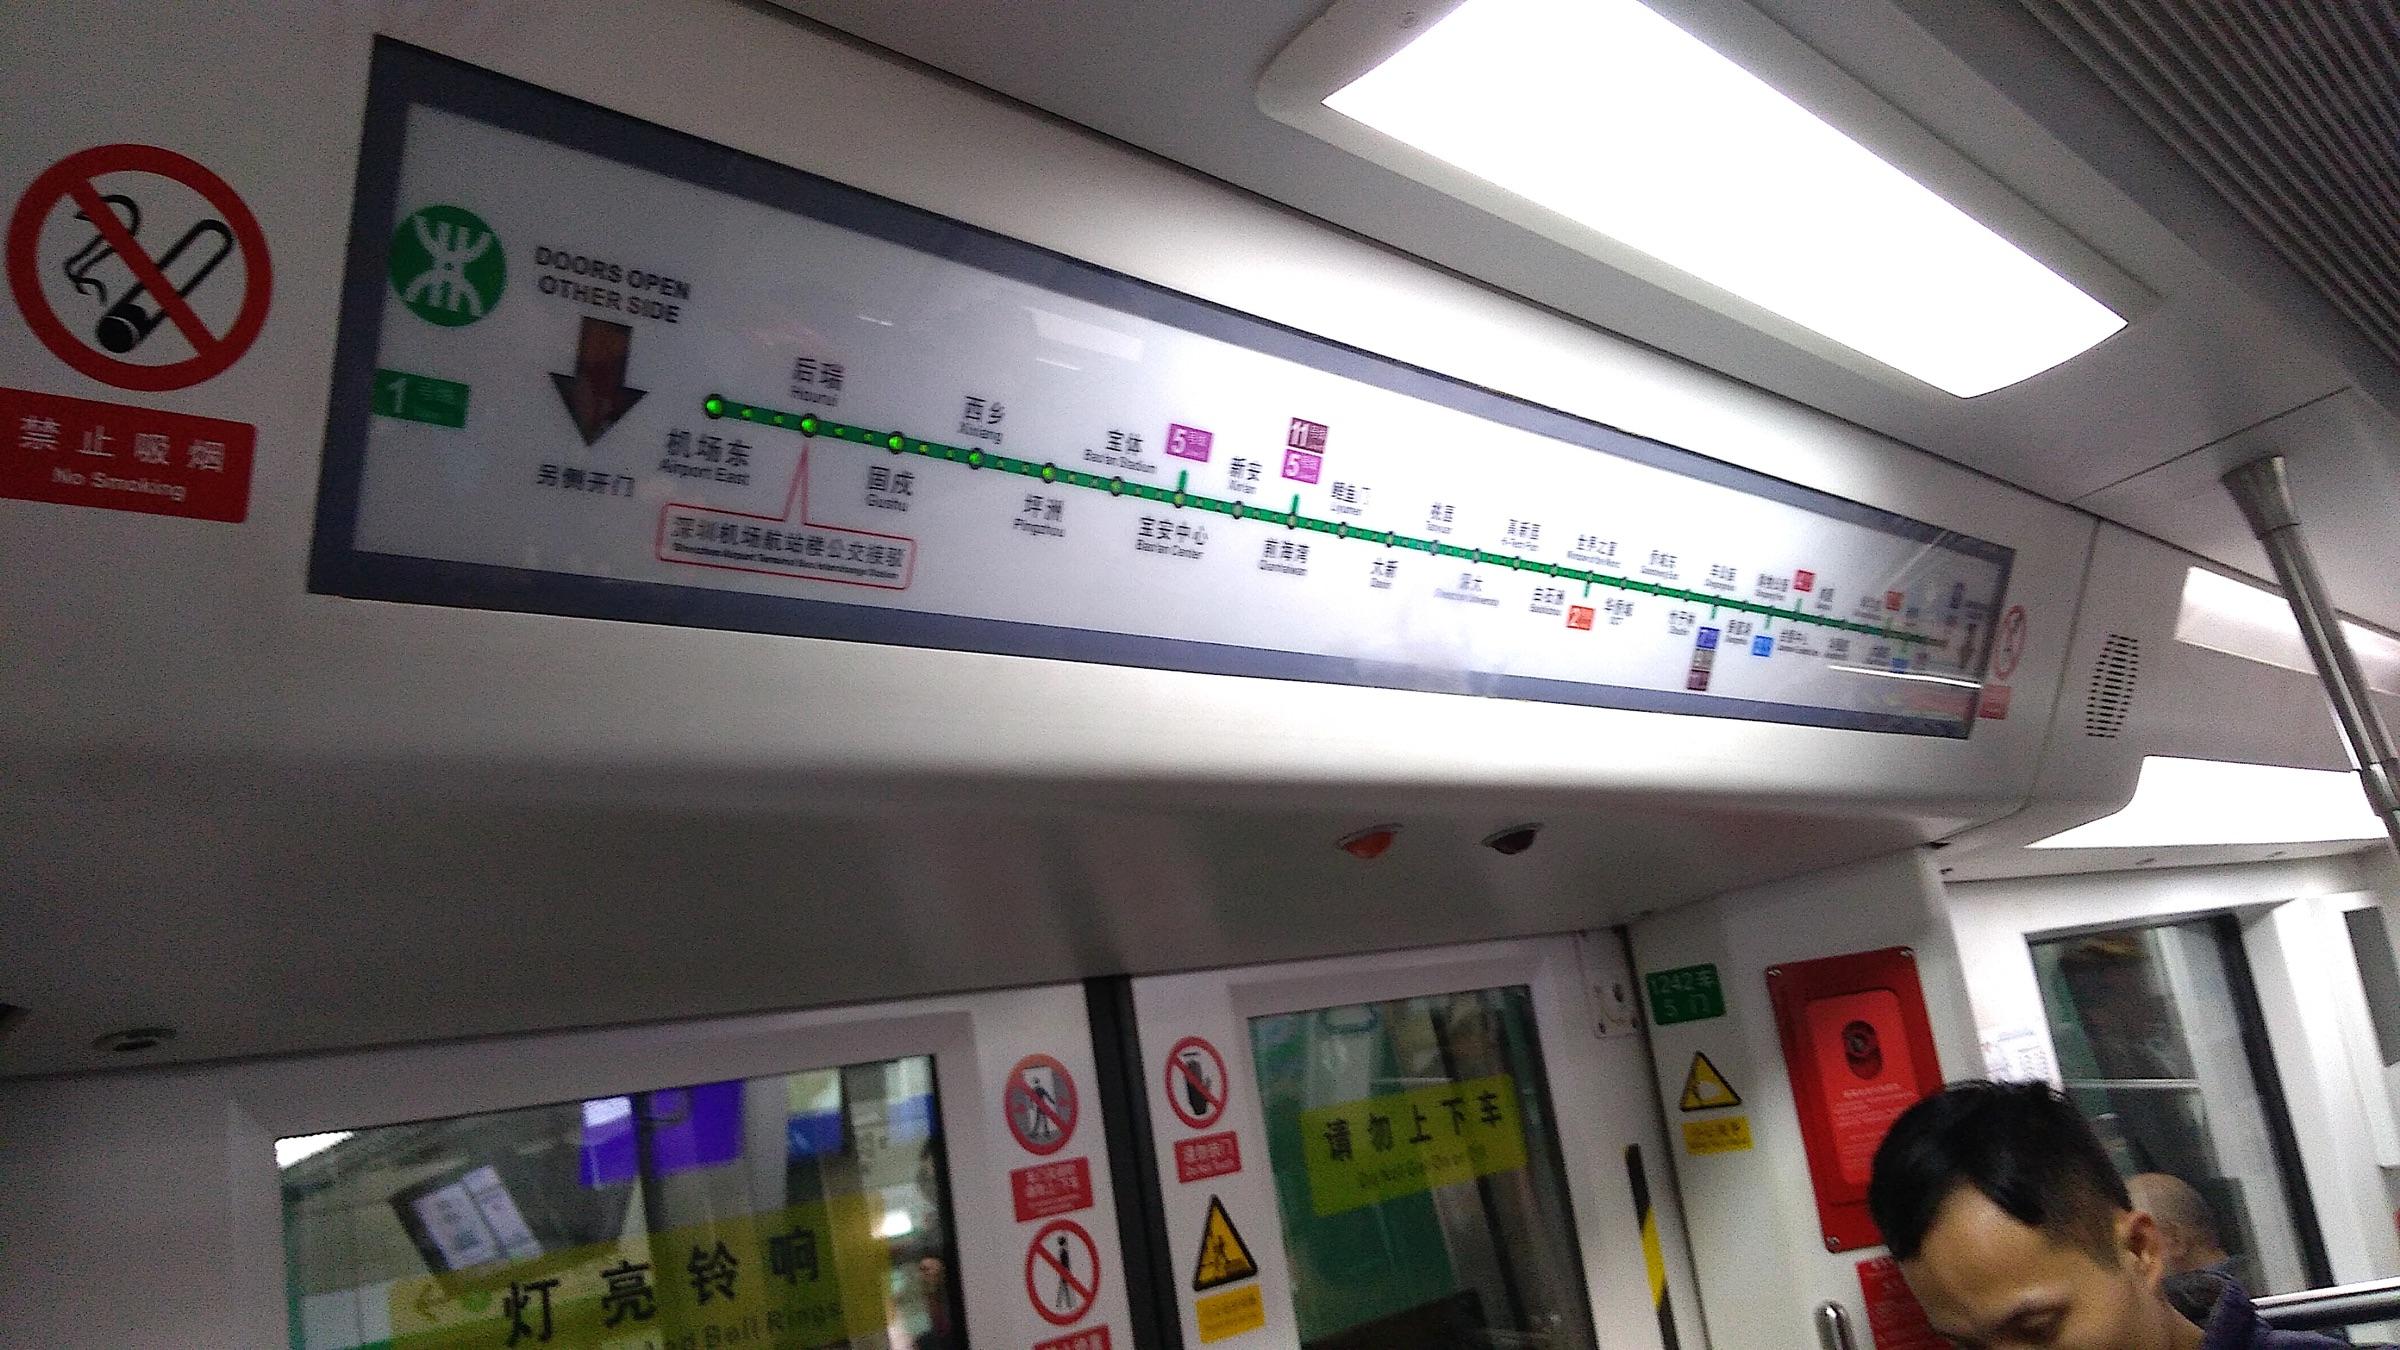 中国 深セン地下鉄1号線 羅宝線の電車内路線図_[0]